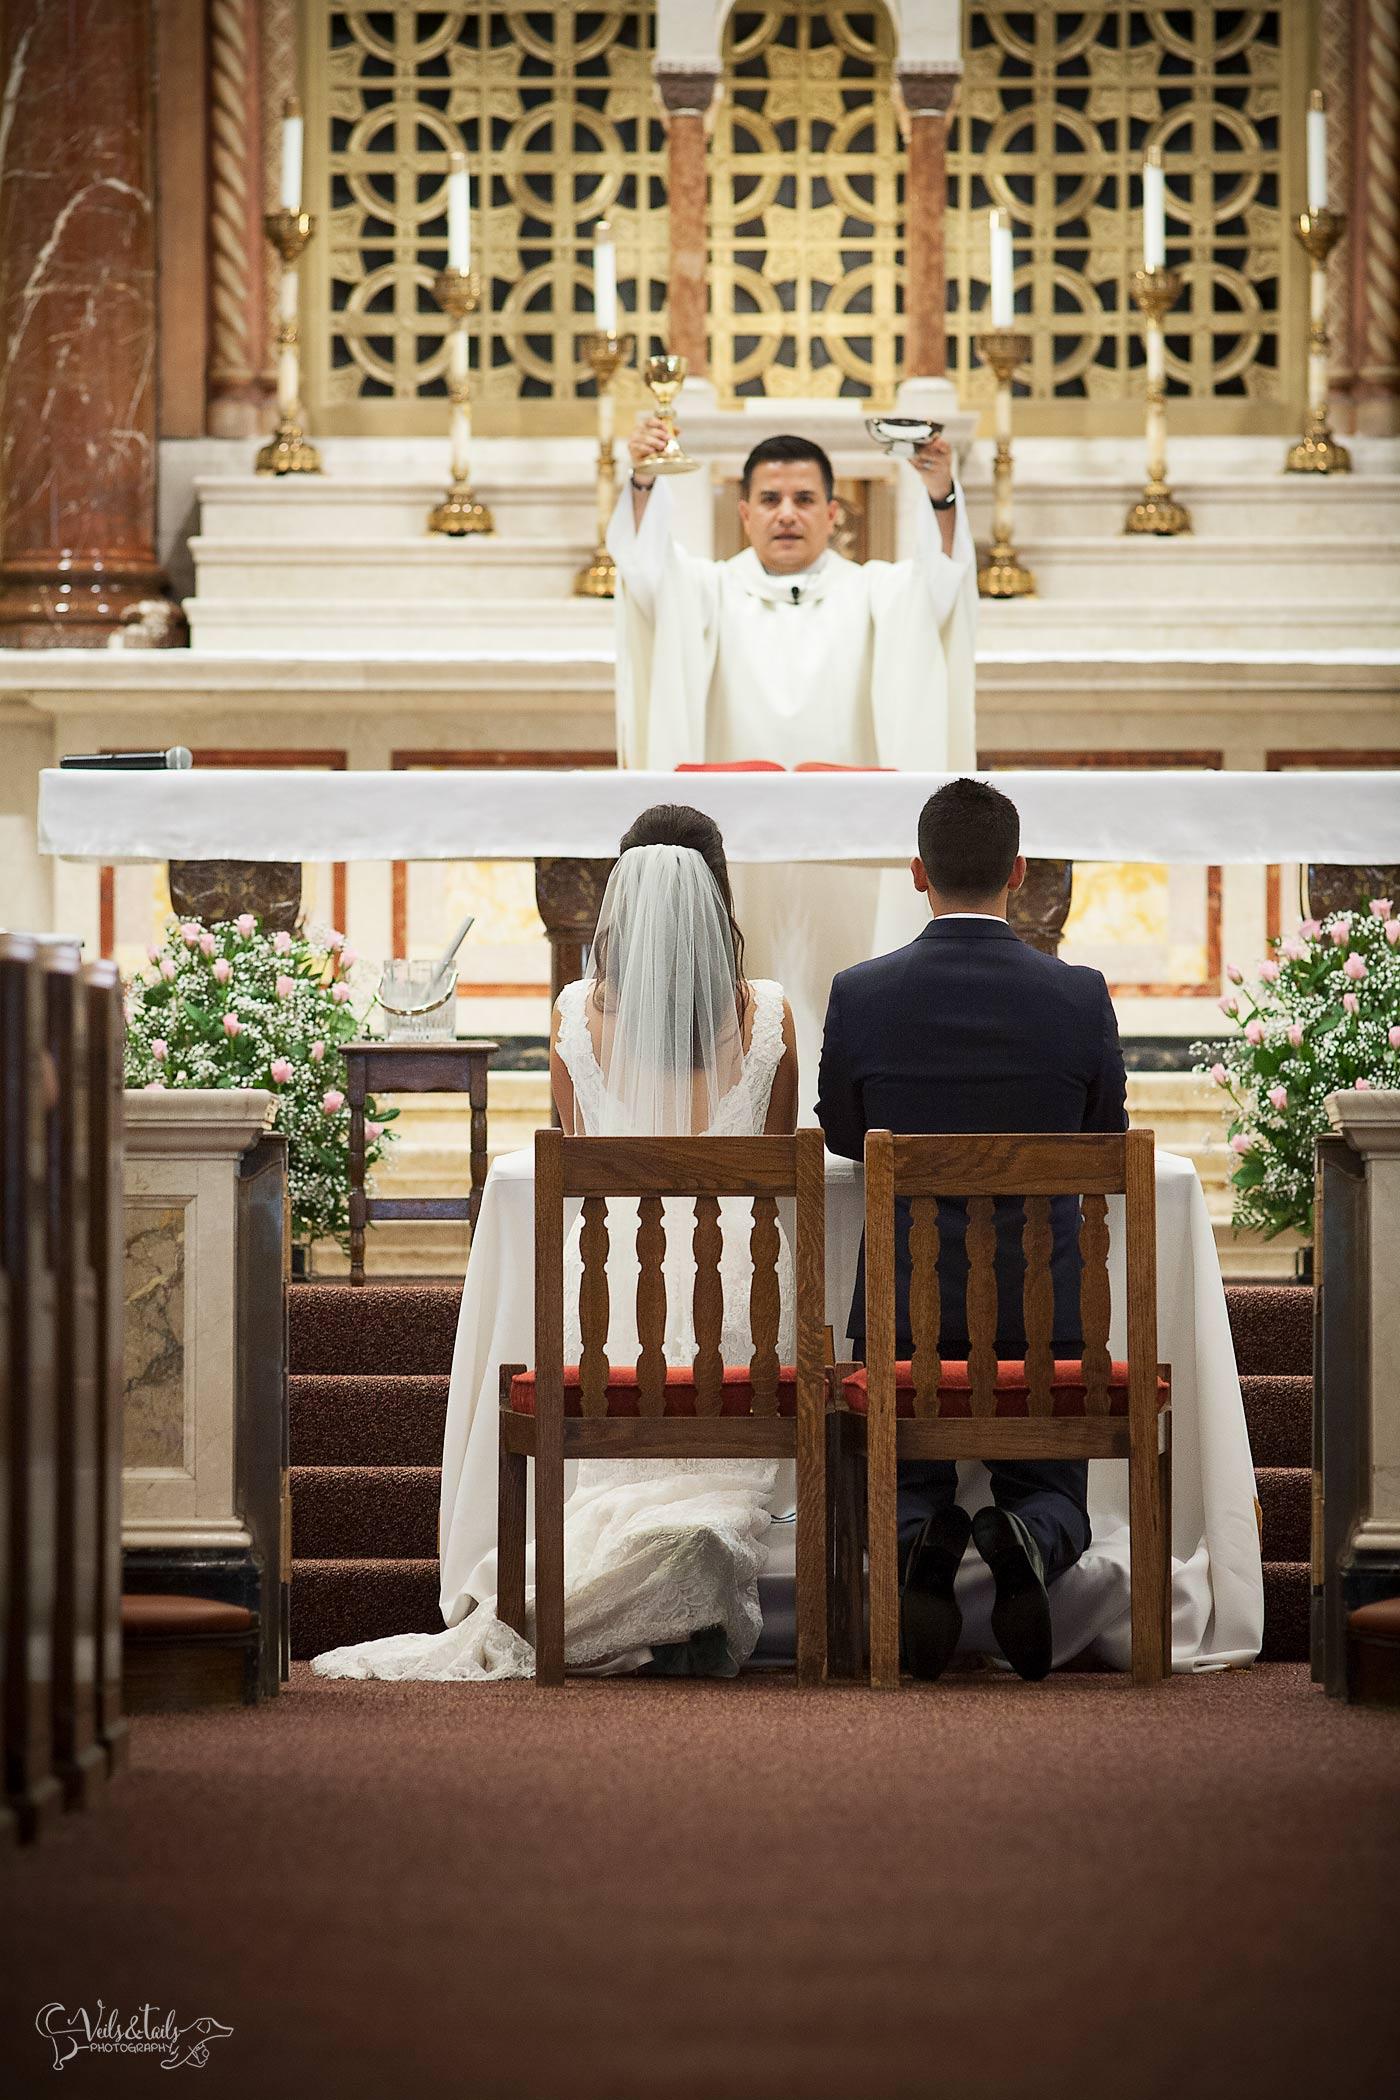 Santa Barbara Cathedral Wedding Photography